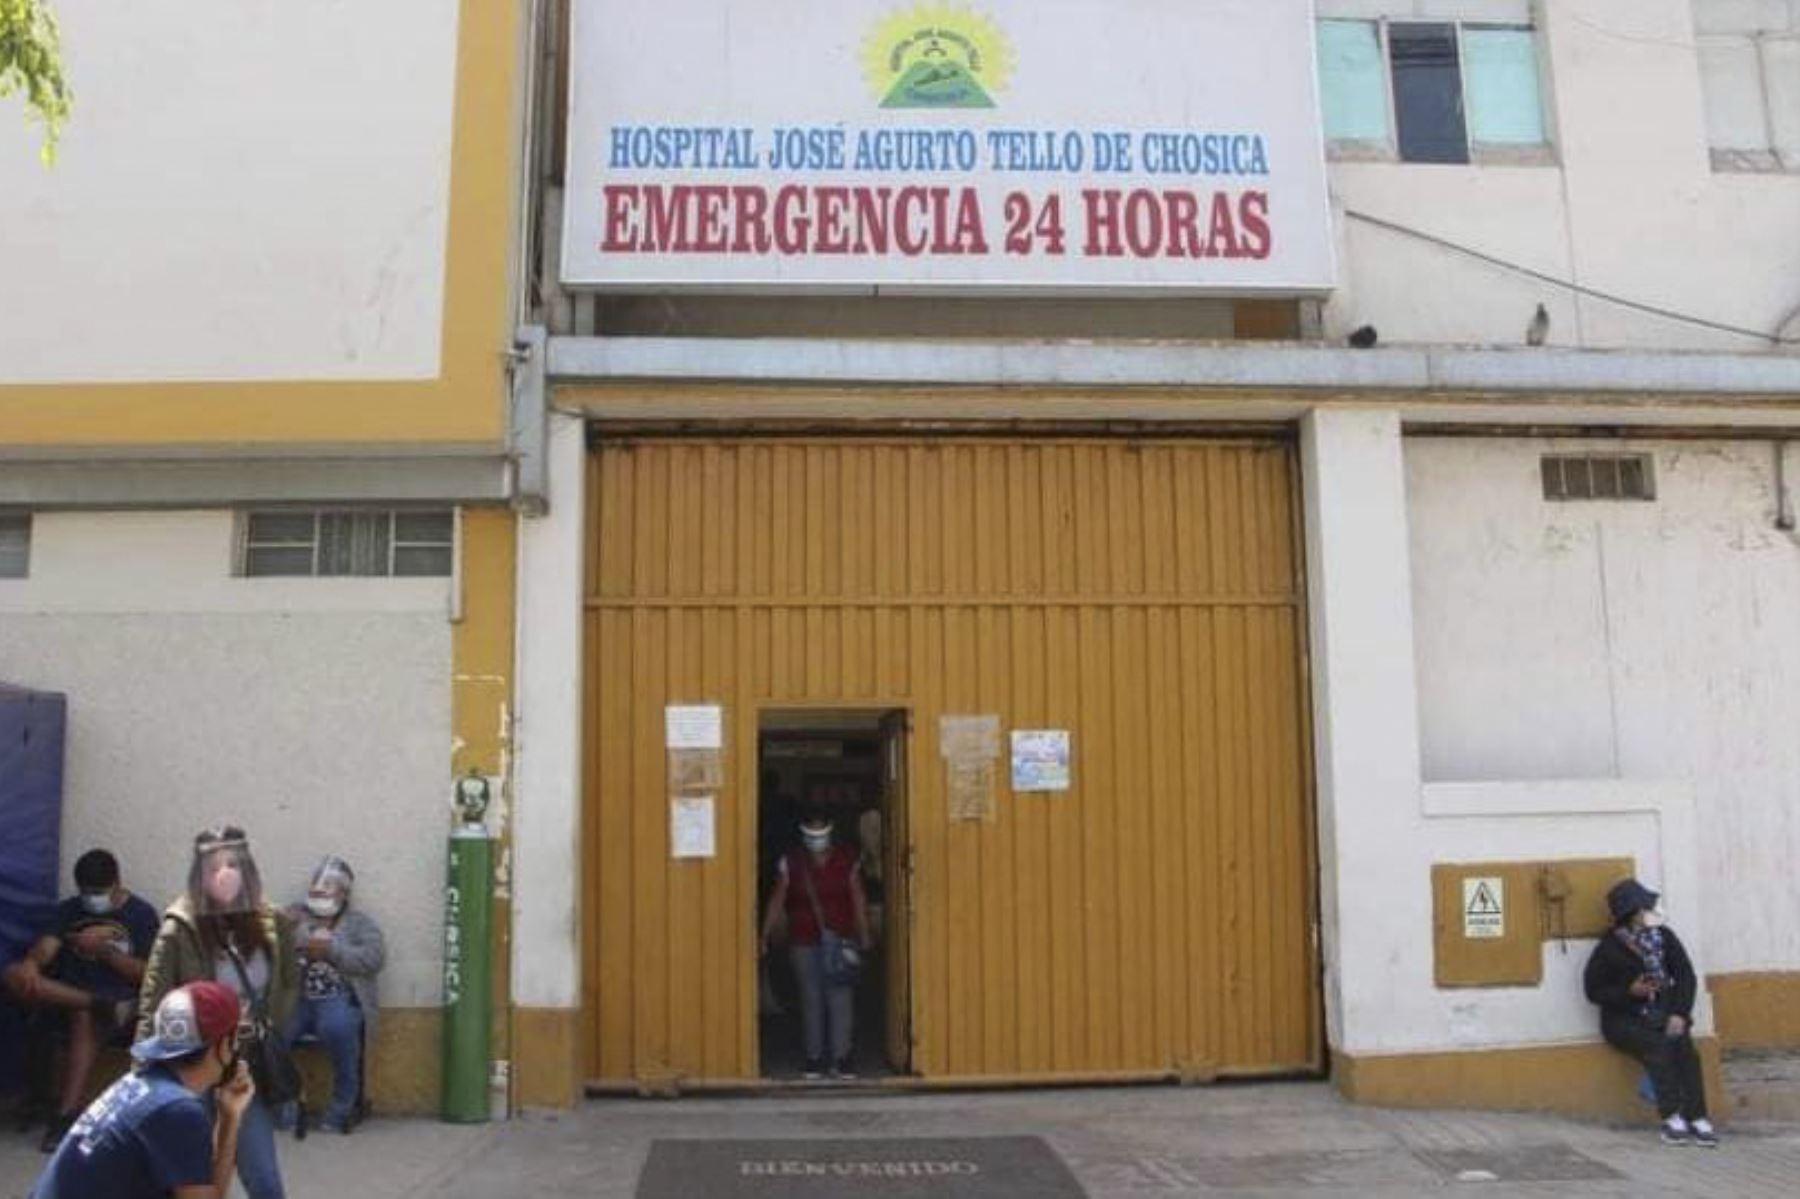 Accidente en Huarochirí: heridos fueron atendidos en el hospital José Agurto en Chosica